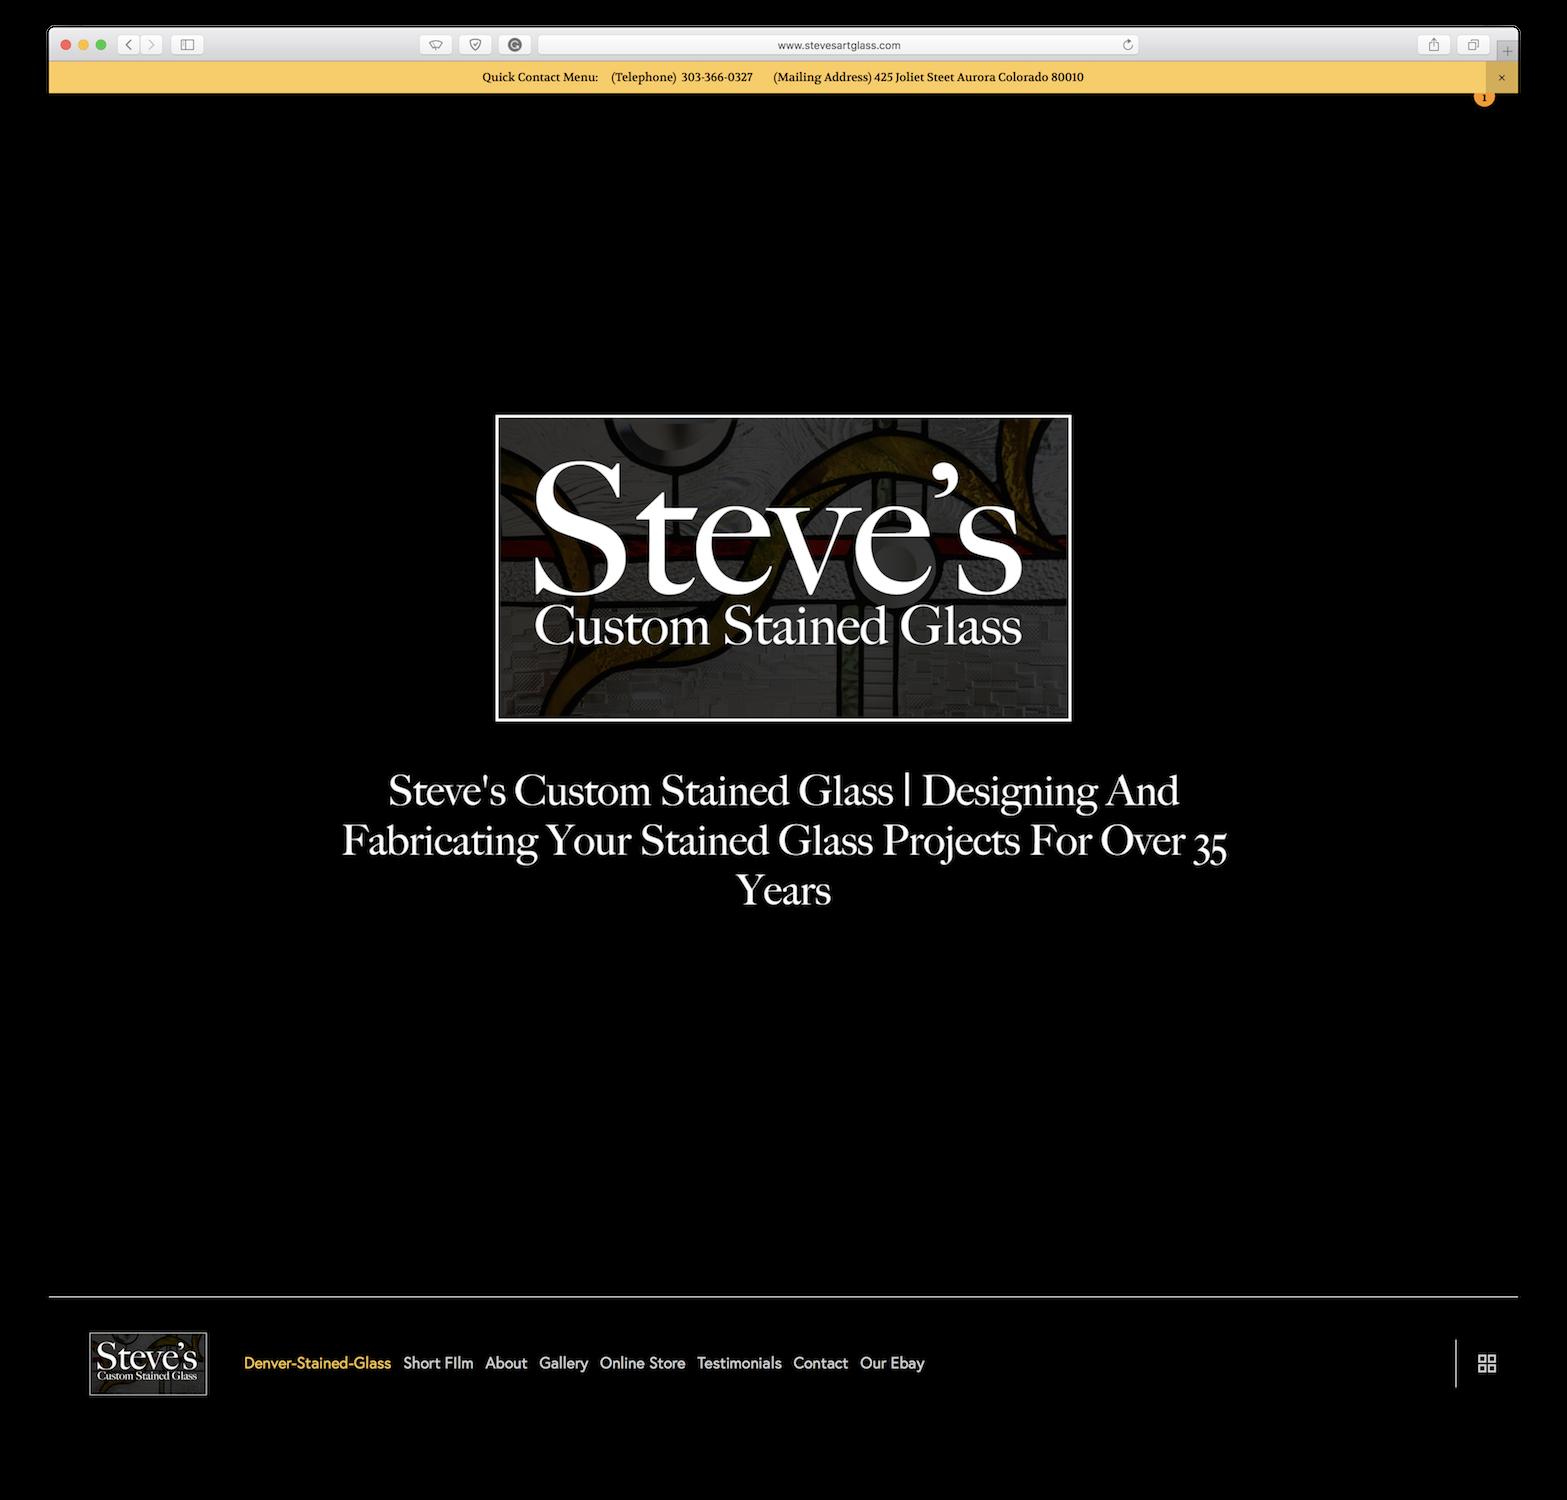 Steve-Custom-Stained-Glass-Portland-website-design.jpg